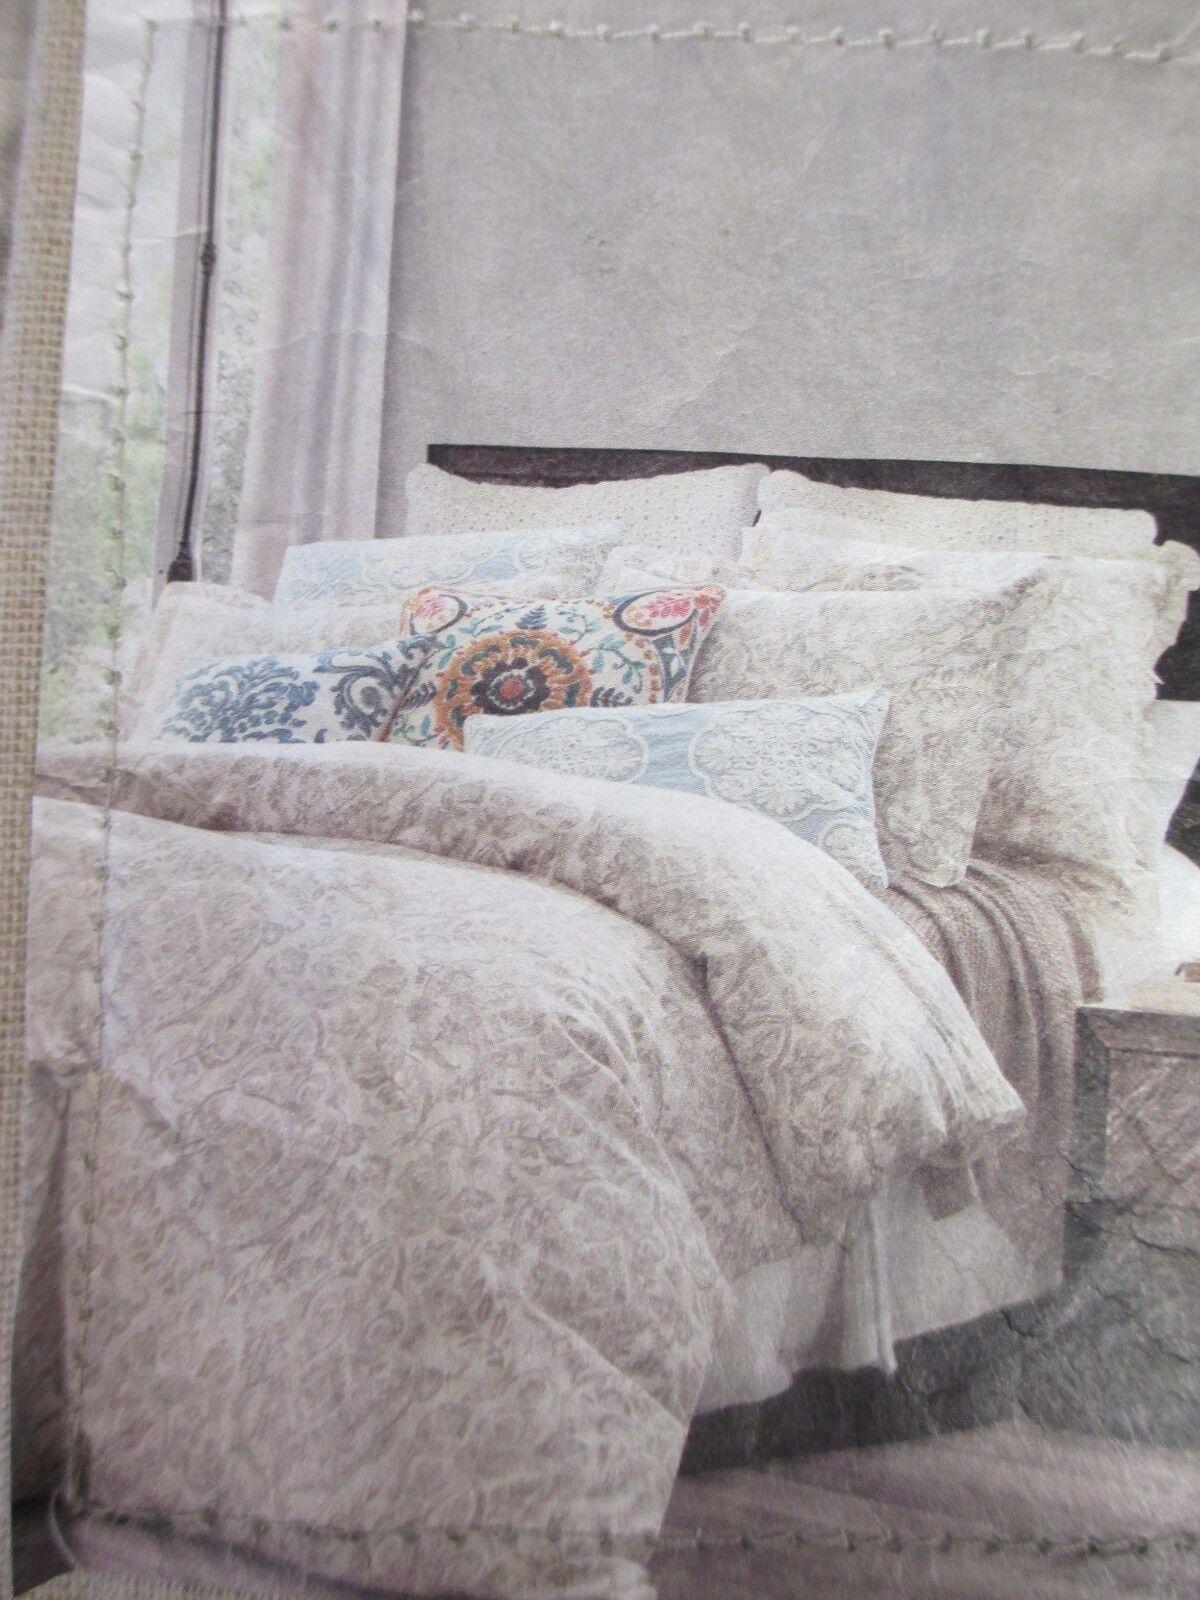 ENVOGUE Washed Linen Vintage Cream Charcoal Leaf Floral Duvet Set - Full Queen